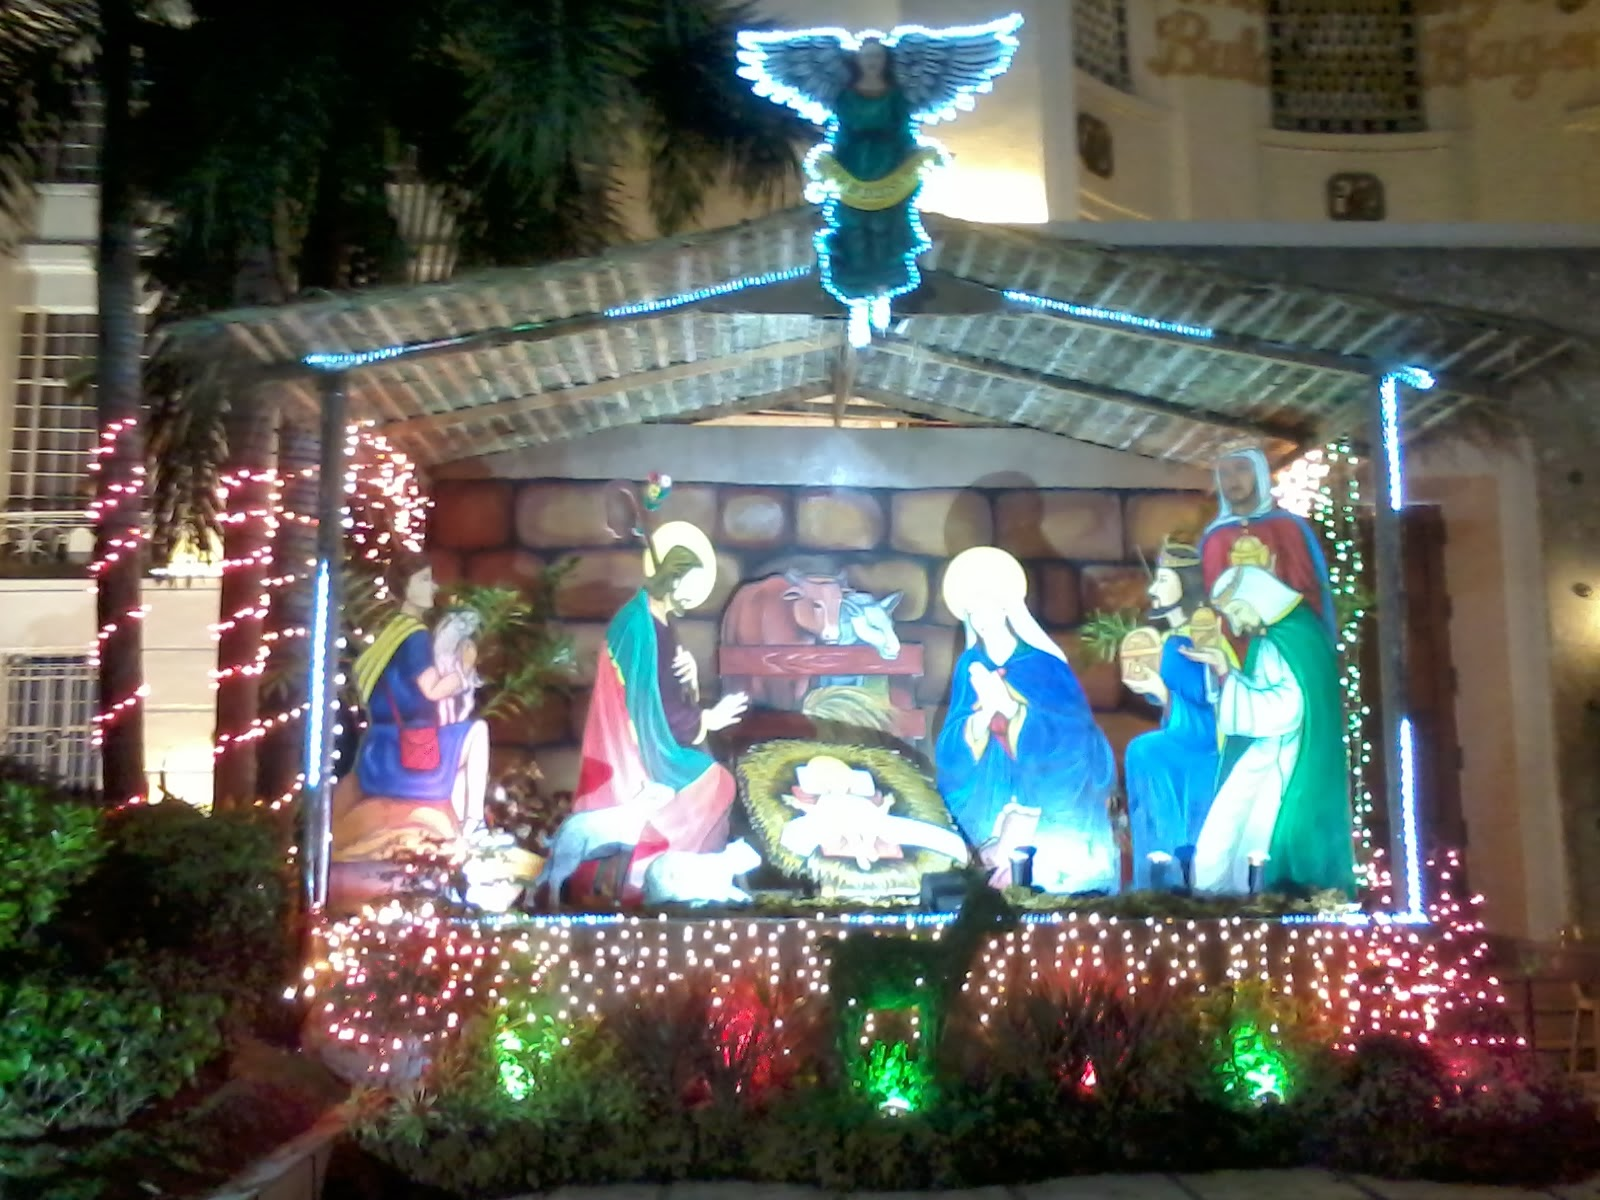 Outside Christmas Displays